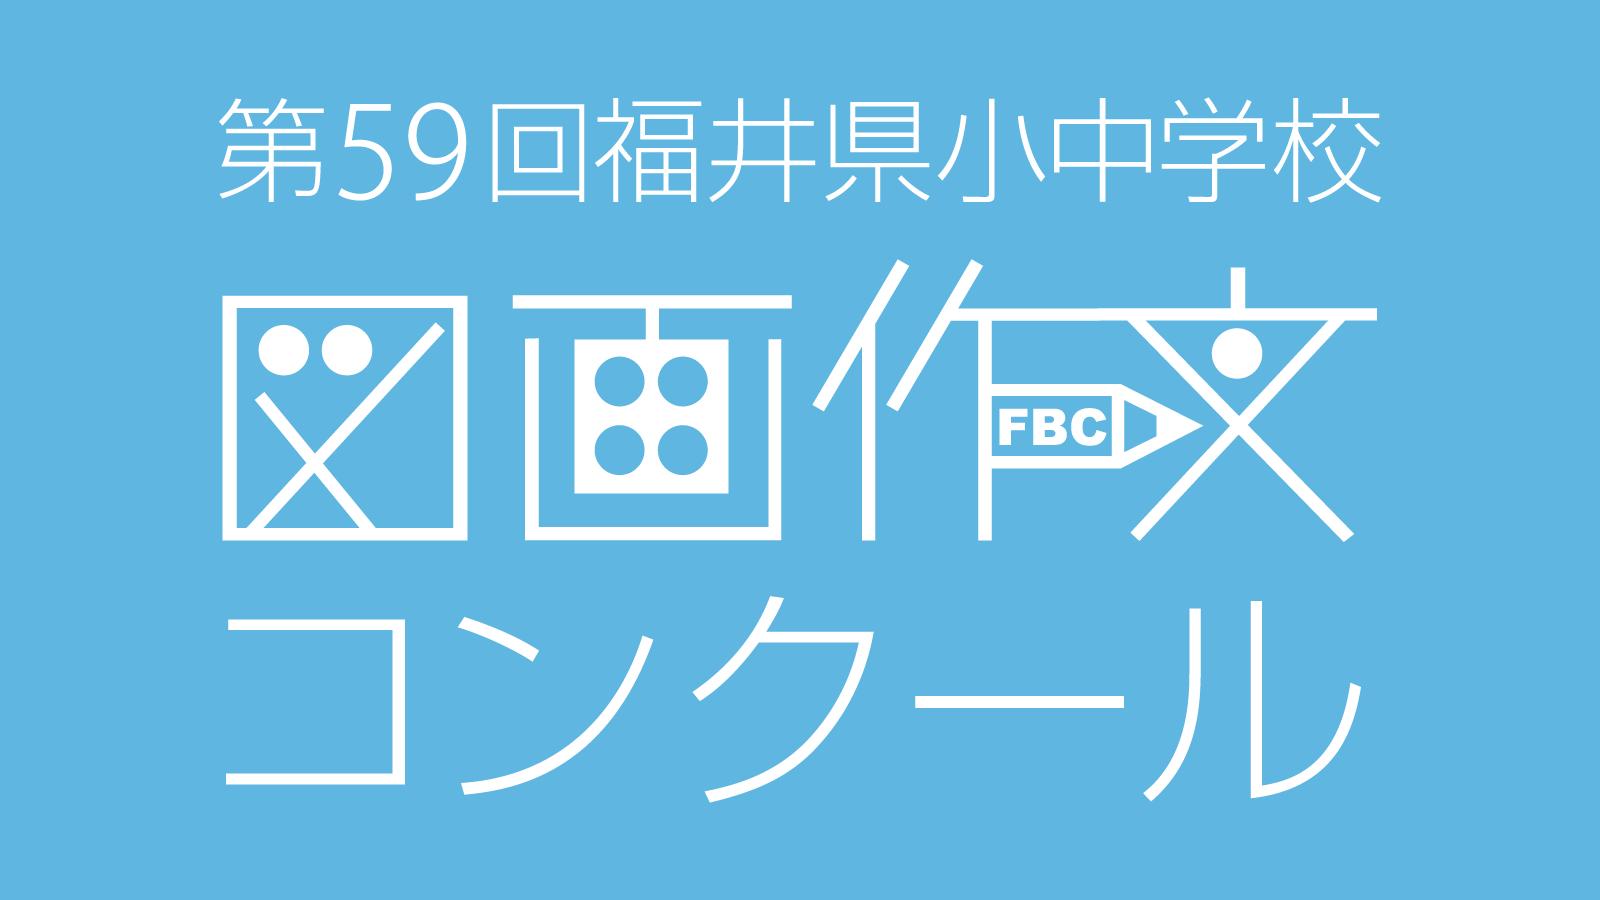 第59回福井県小中学校図画作文コンクール